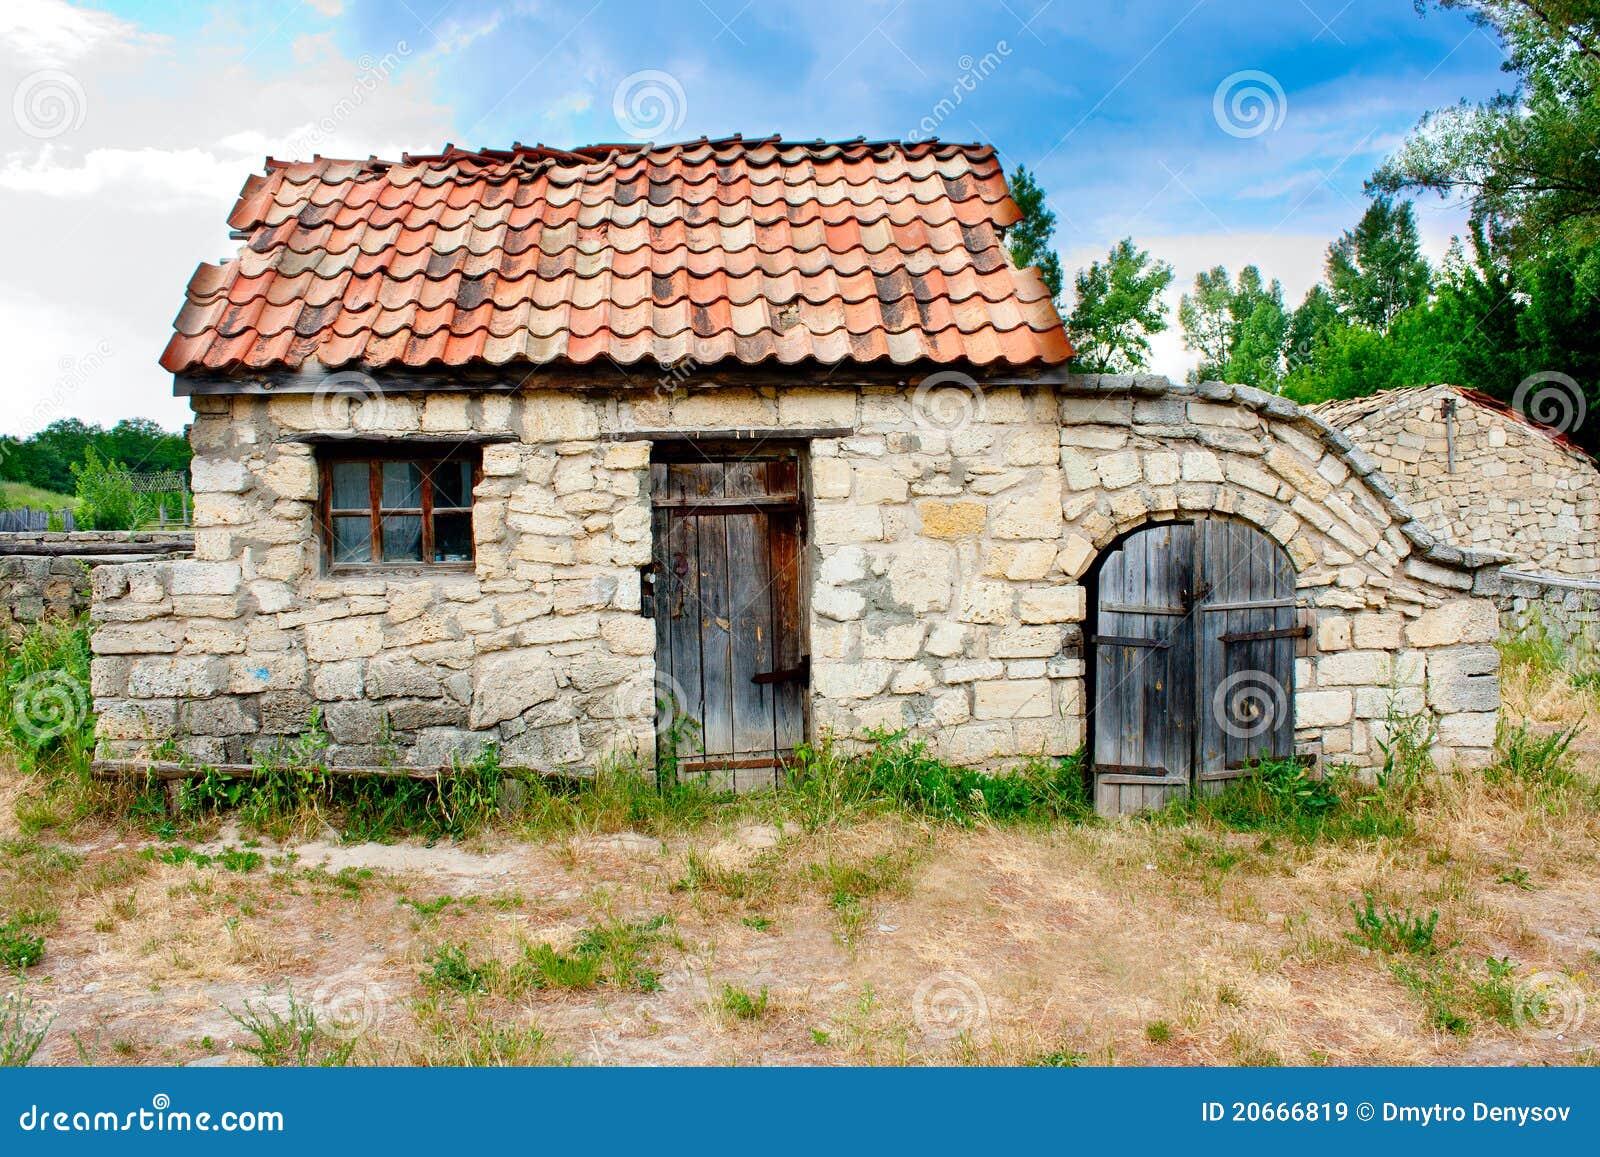 Petite maison historique ukrainienne images libres de droits image 20666819 - Architecture petite maison ...